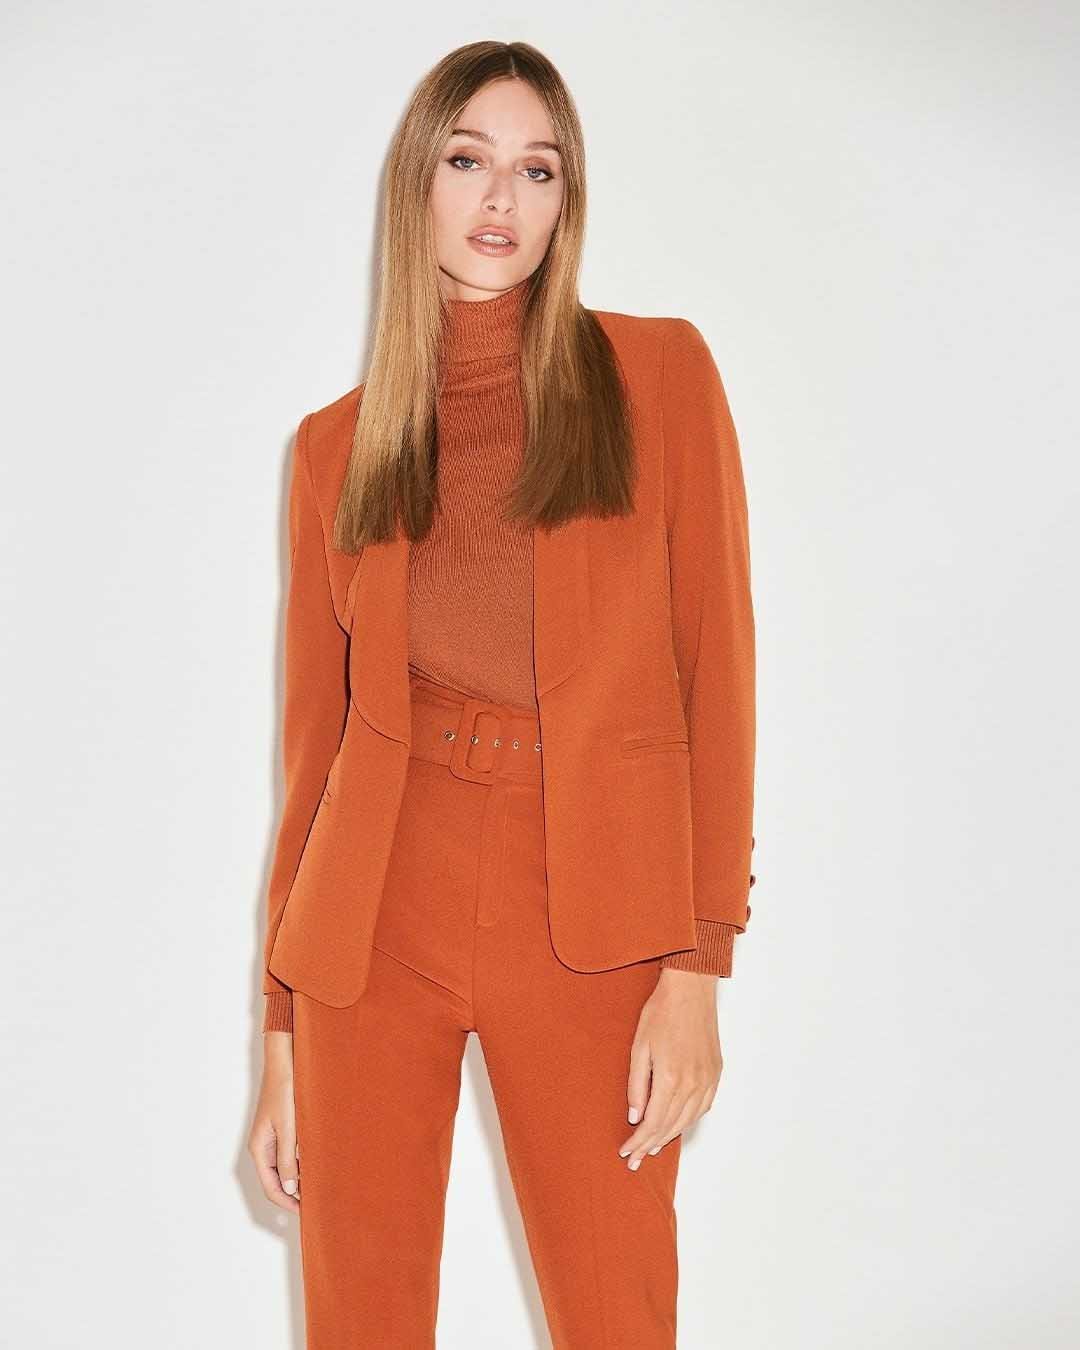 trajes de mujer invierno 2021 casual elegante